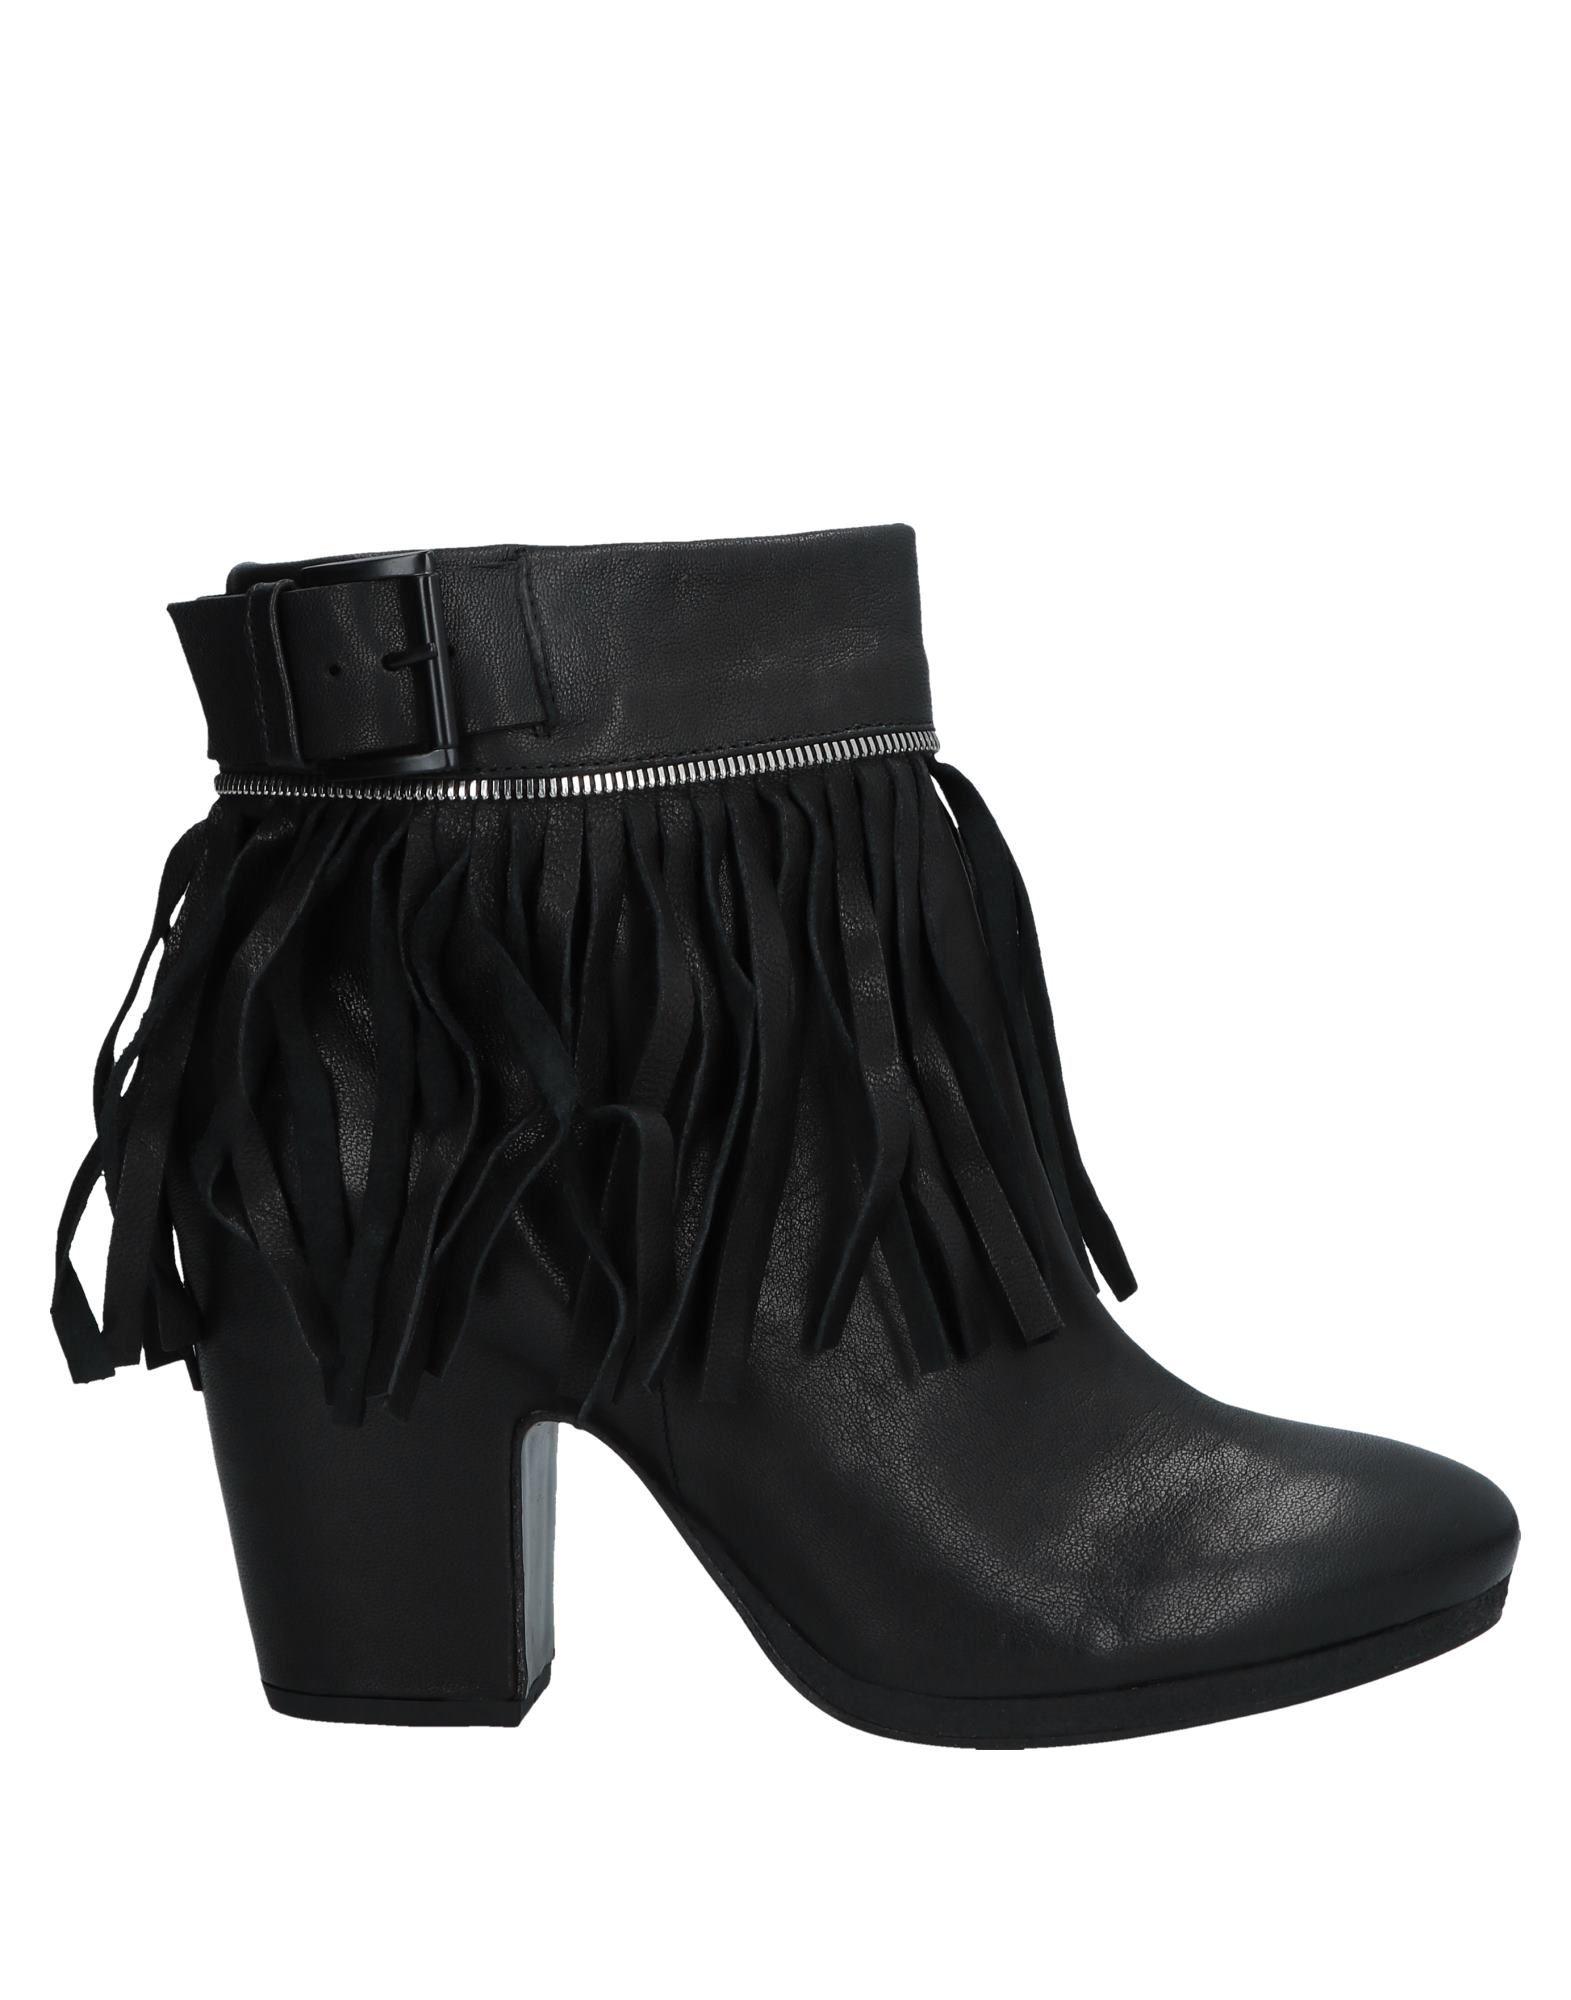 Vic Matiē Stiefelette Damen  11556678ARGut aussehende strapazierfähige Schuhe